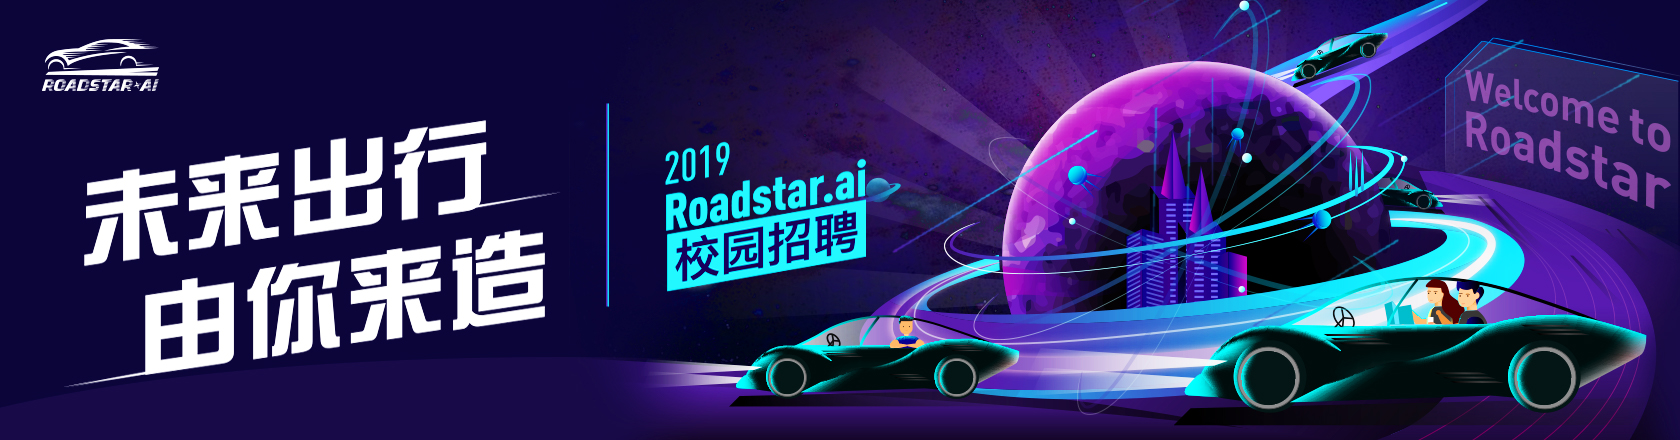 roadstar